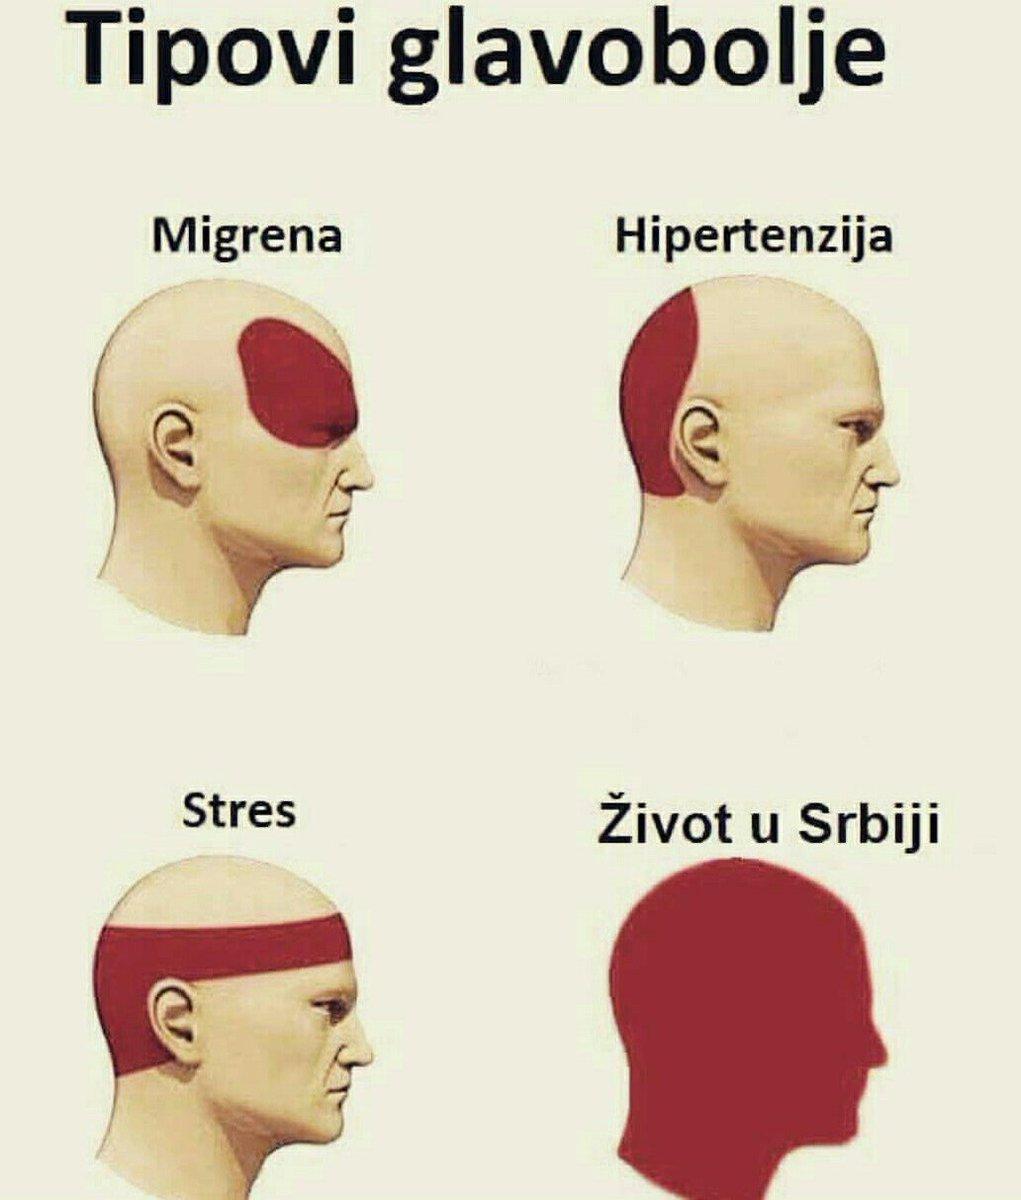 hipertenzija i glavobolja